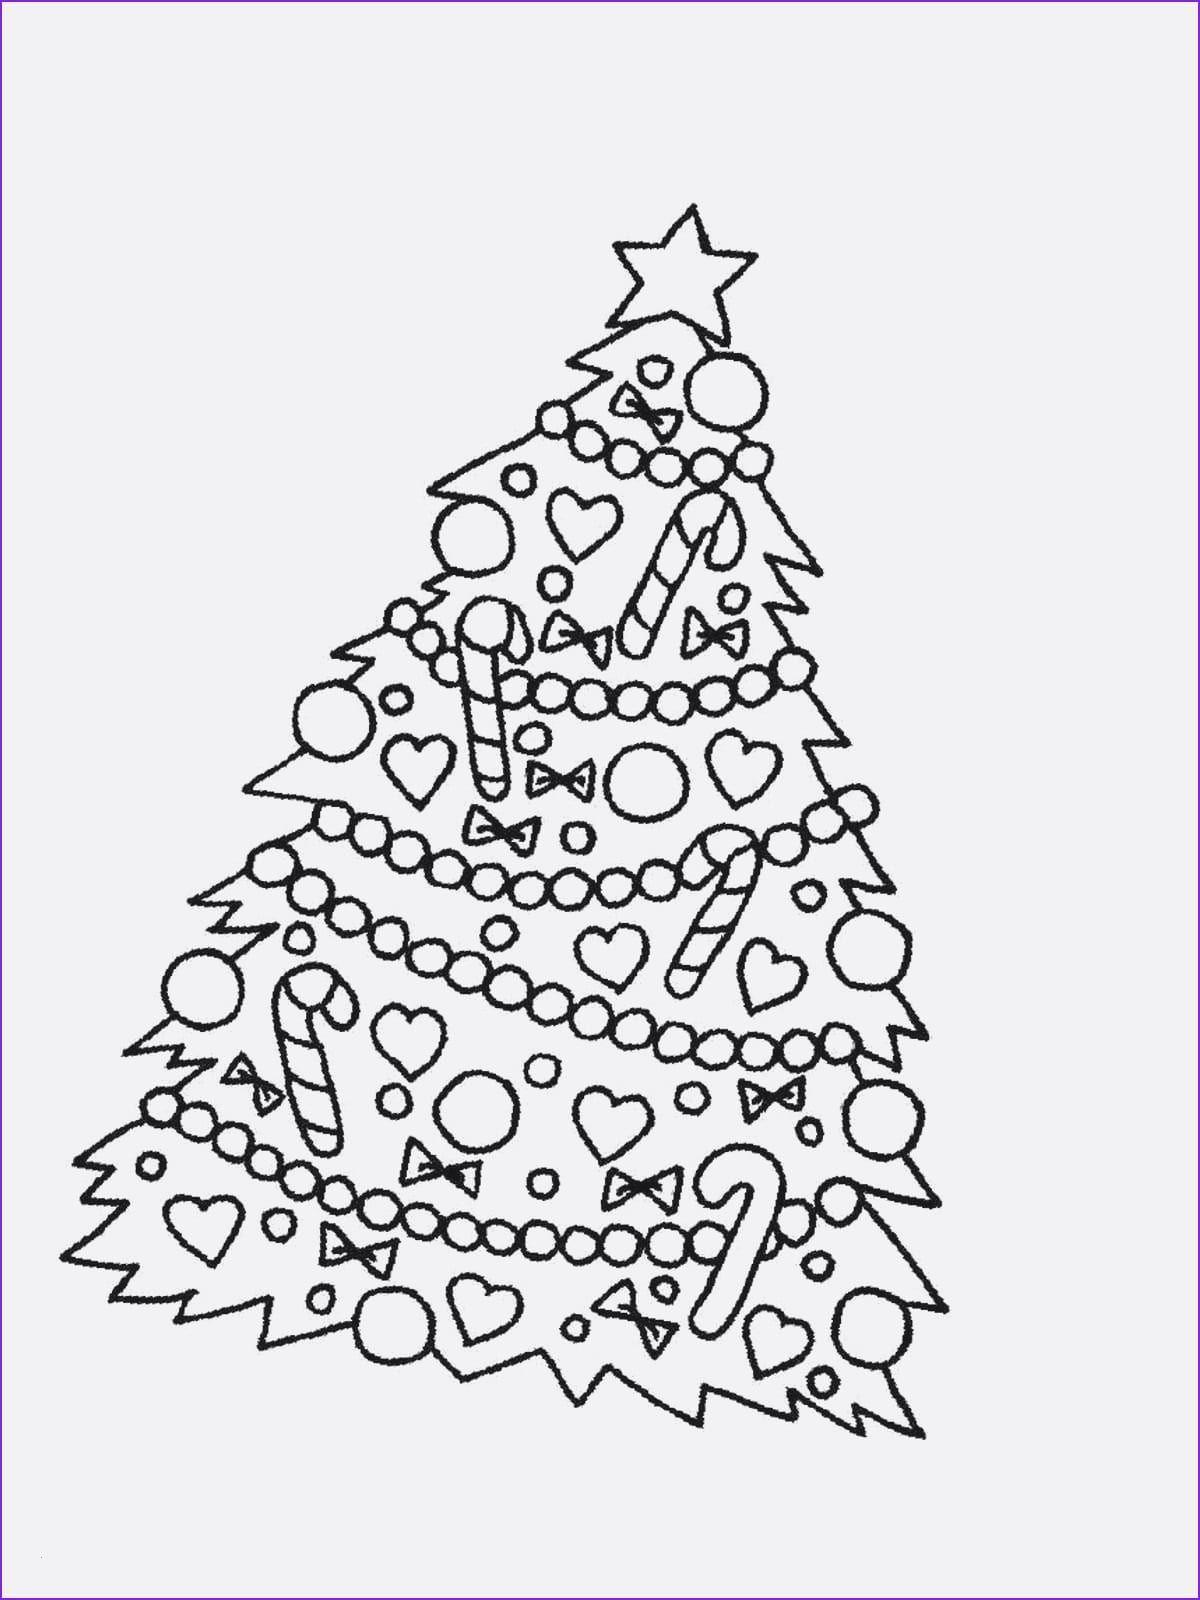 Bilder Weihnachten Kostenlos Zum Ausdrucken Bilder Weihnachten Kostenlos Zum Ausdruc Malvorlagen Weihnachten Ausmalbild Weihnachtsbaum Weihnachtsbaum Vorlage